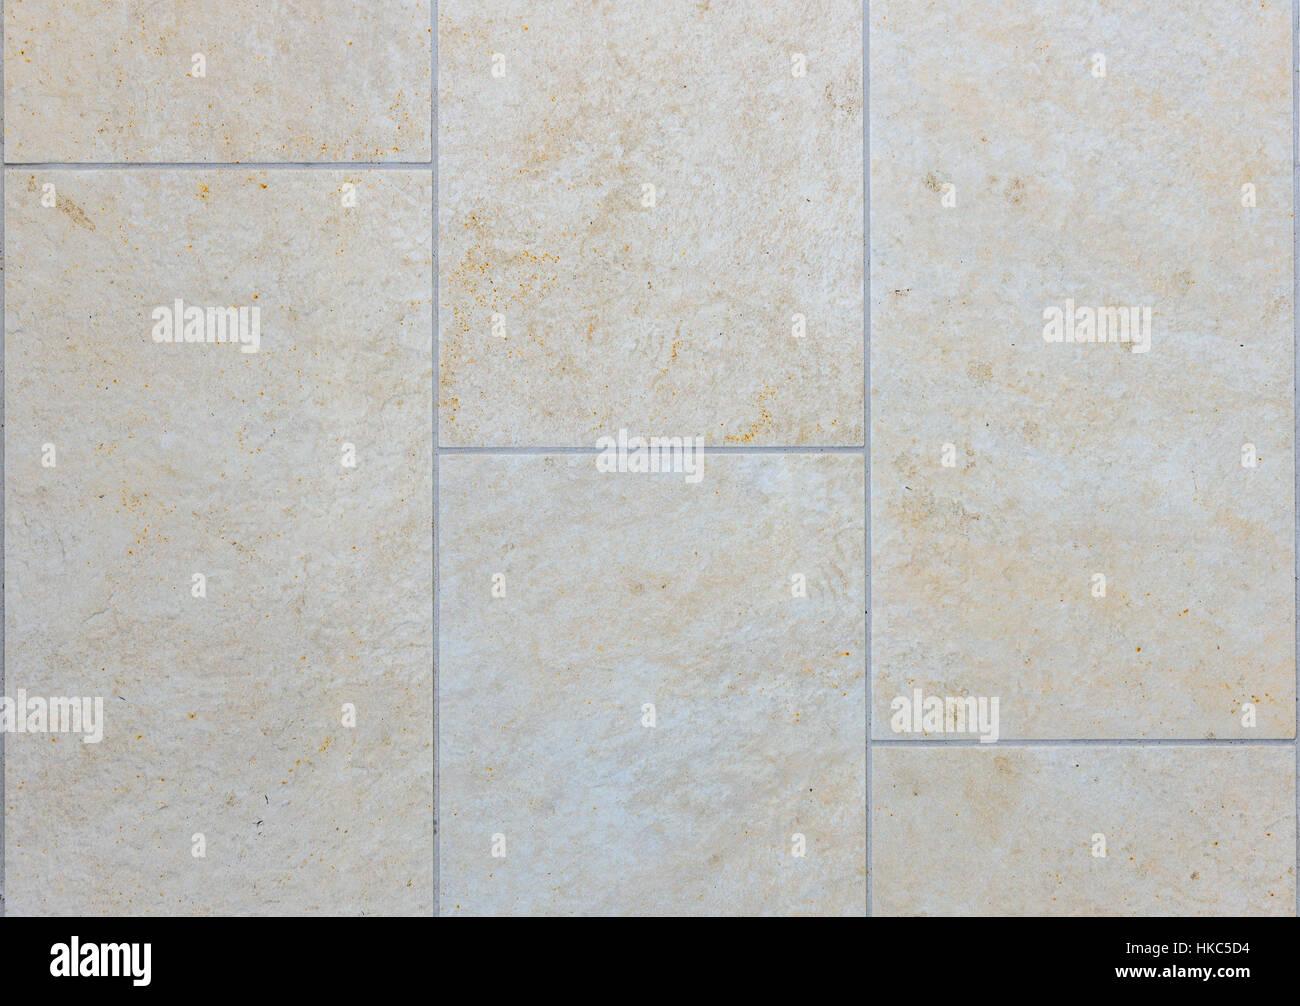 Sporco il terrazzo esterno con piastrelle. immagine del pavimento